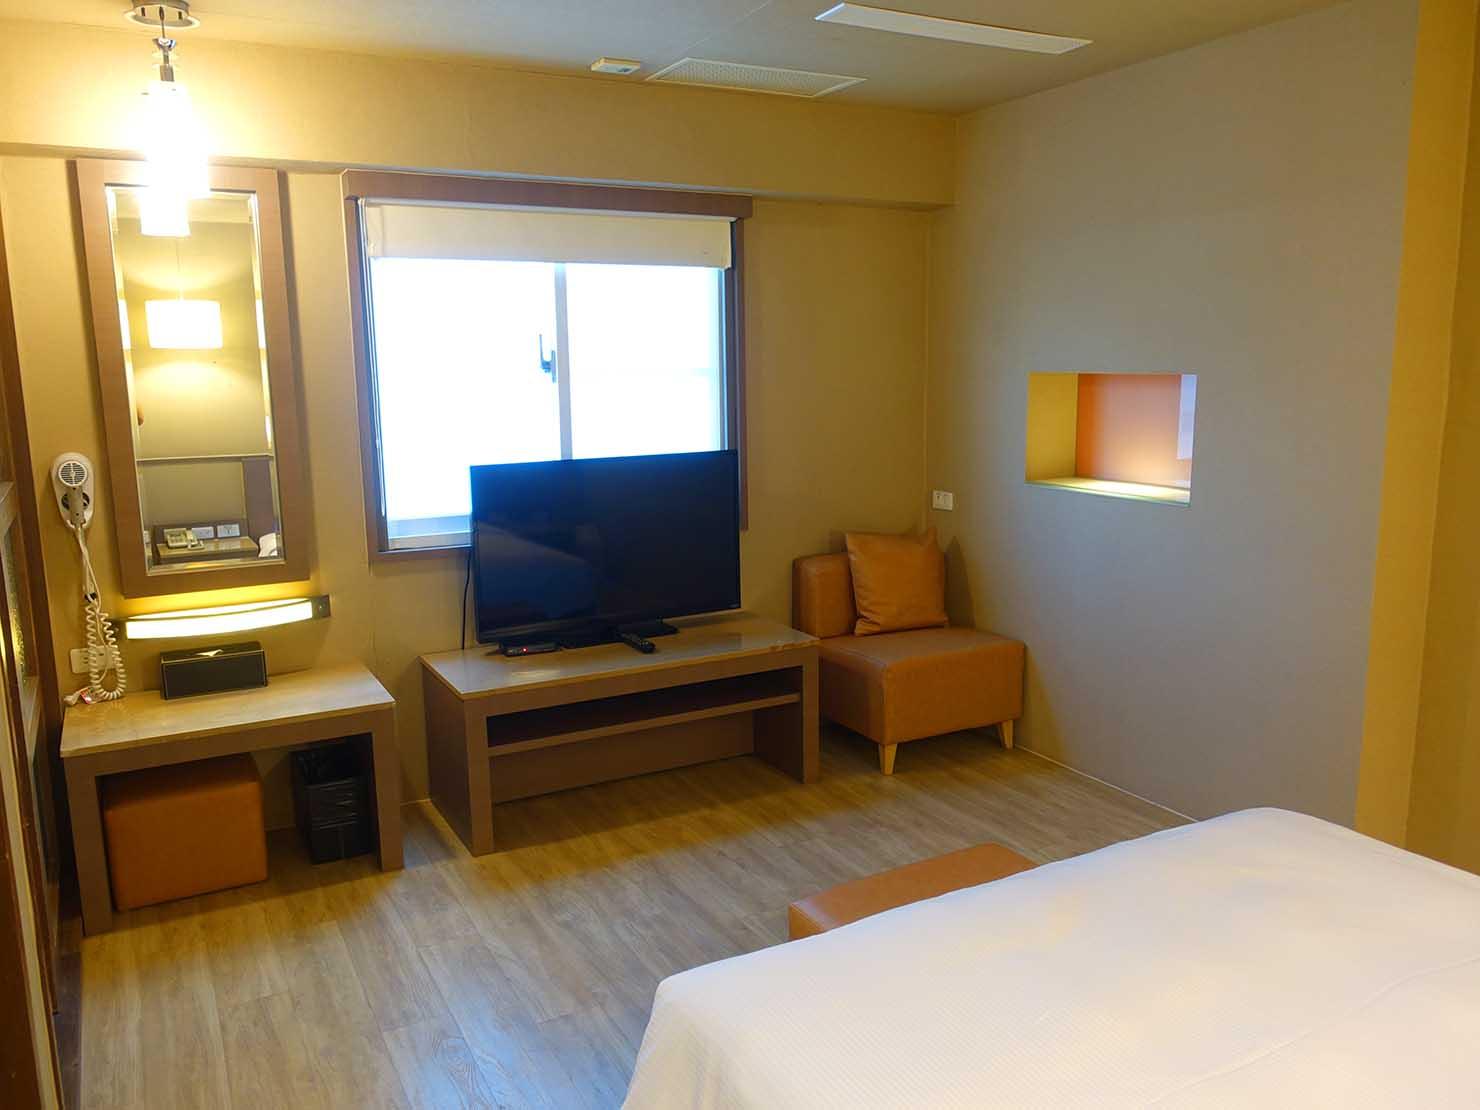 高雄のおすすめチェーンホテル「康橋商旅 Kindness Hotel(漢神館)」豪華雙人房のミニリビング側から見たベッドルーム